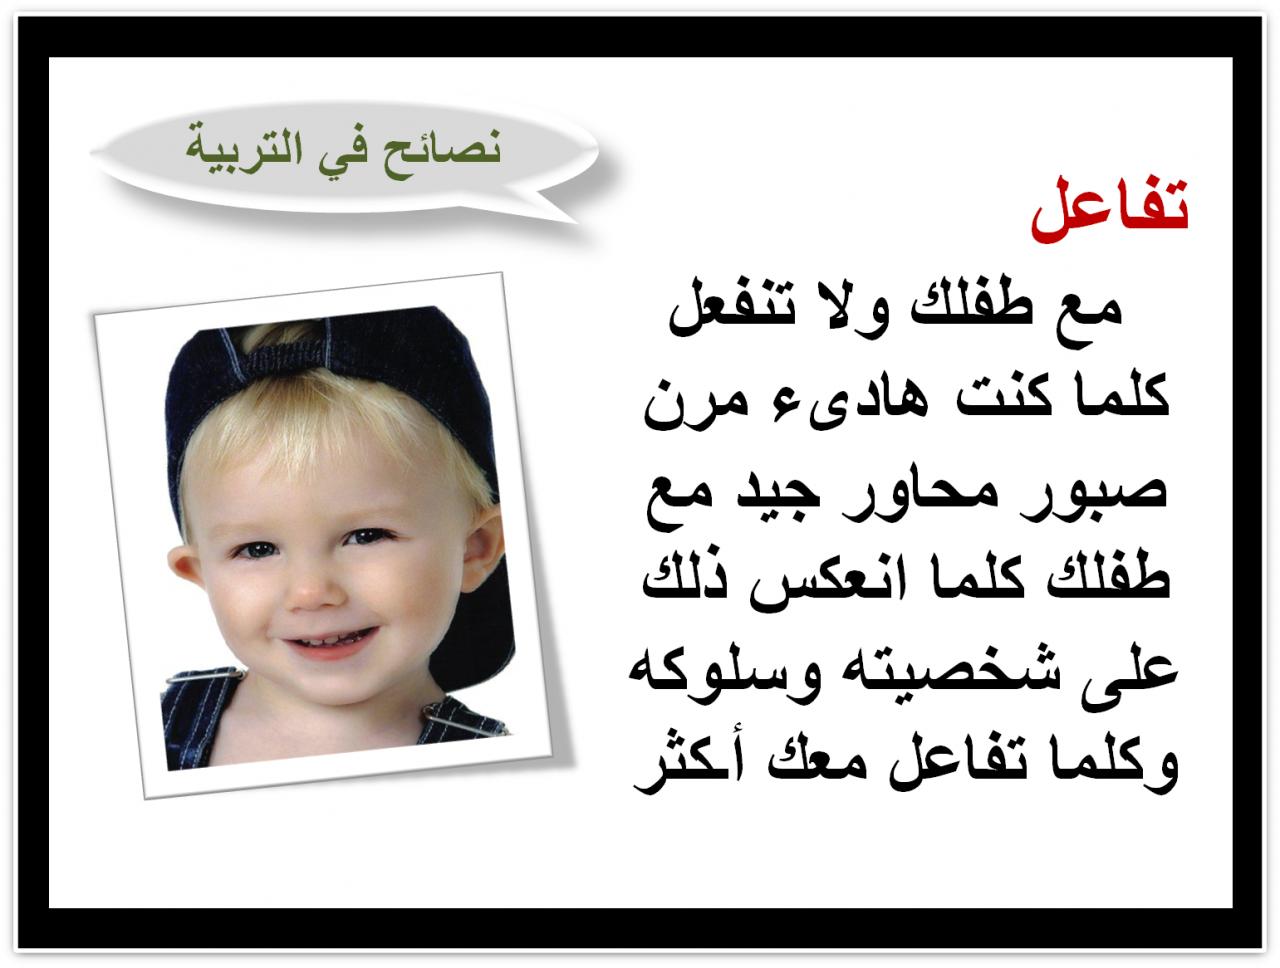 صورة نصائح تربوية للاطفال , ازاي تربي ابنك صح